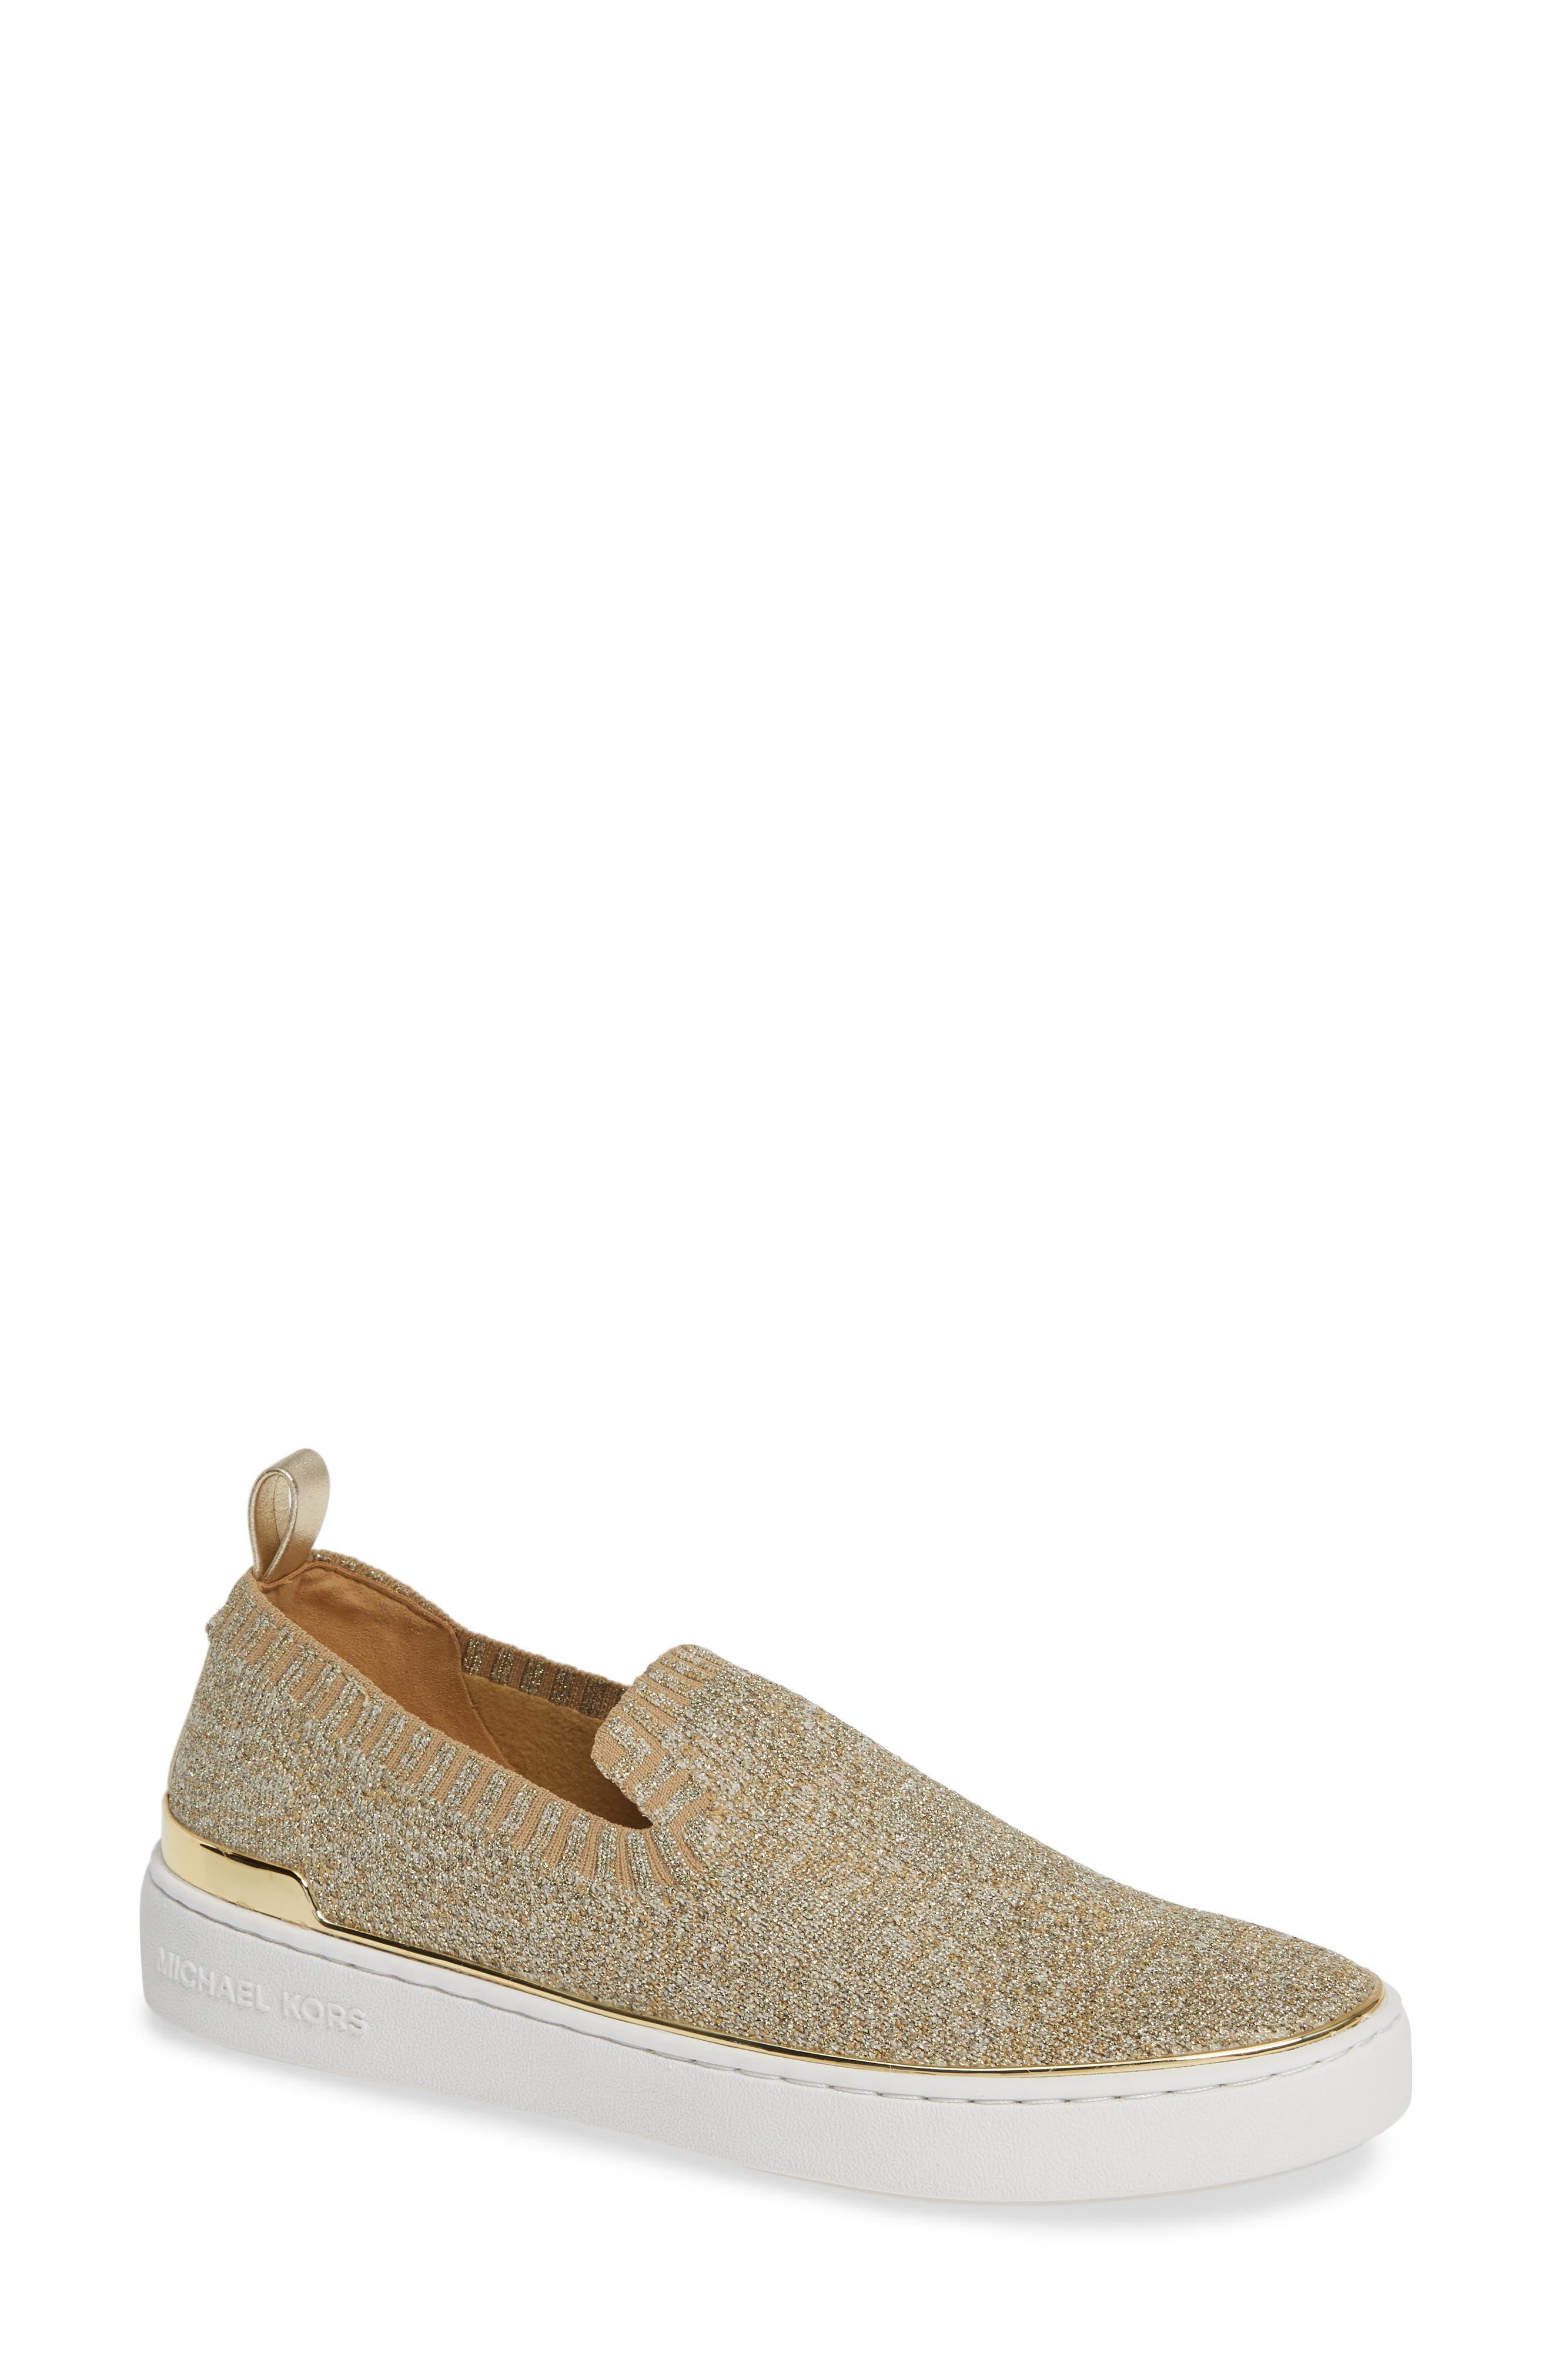 Women'S Skyler Knit Slip-On Sneakers in Gold/ Silver Fabric